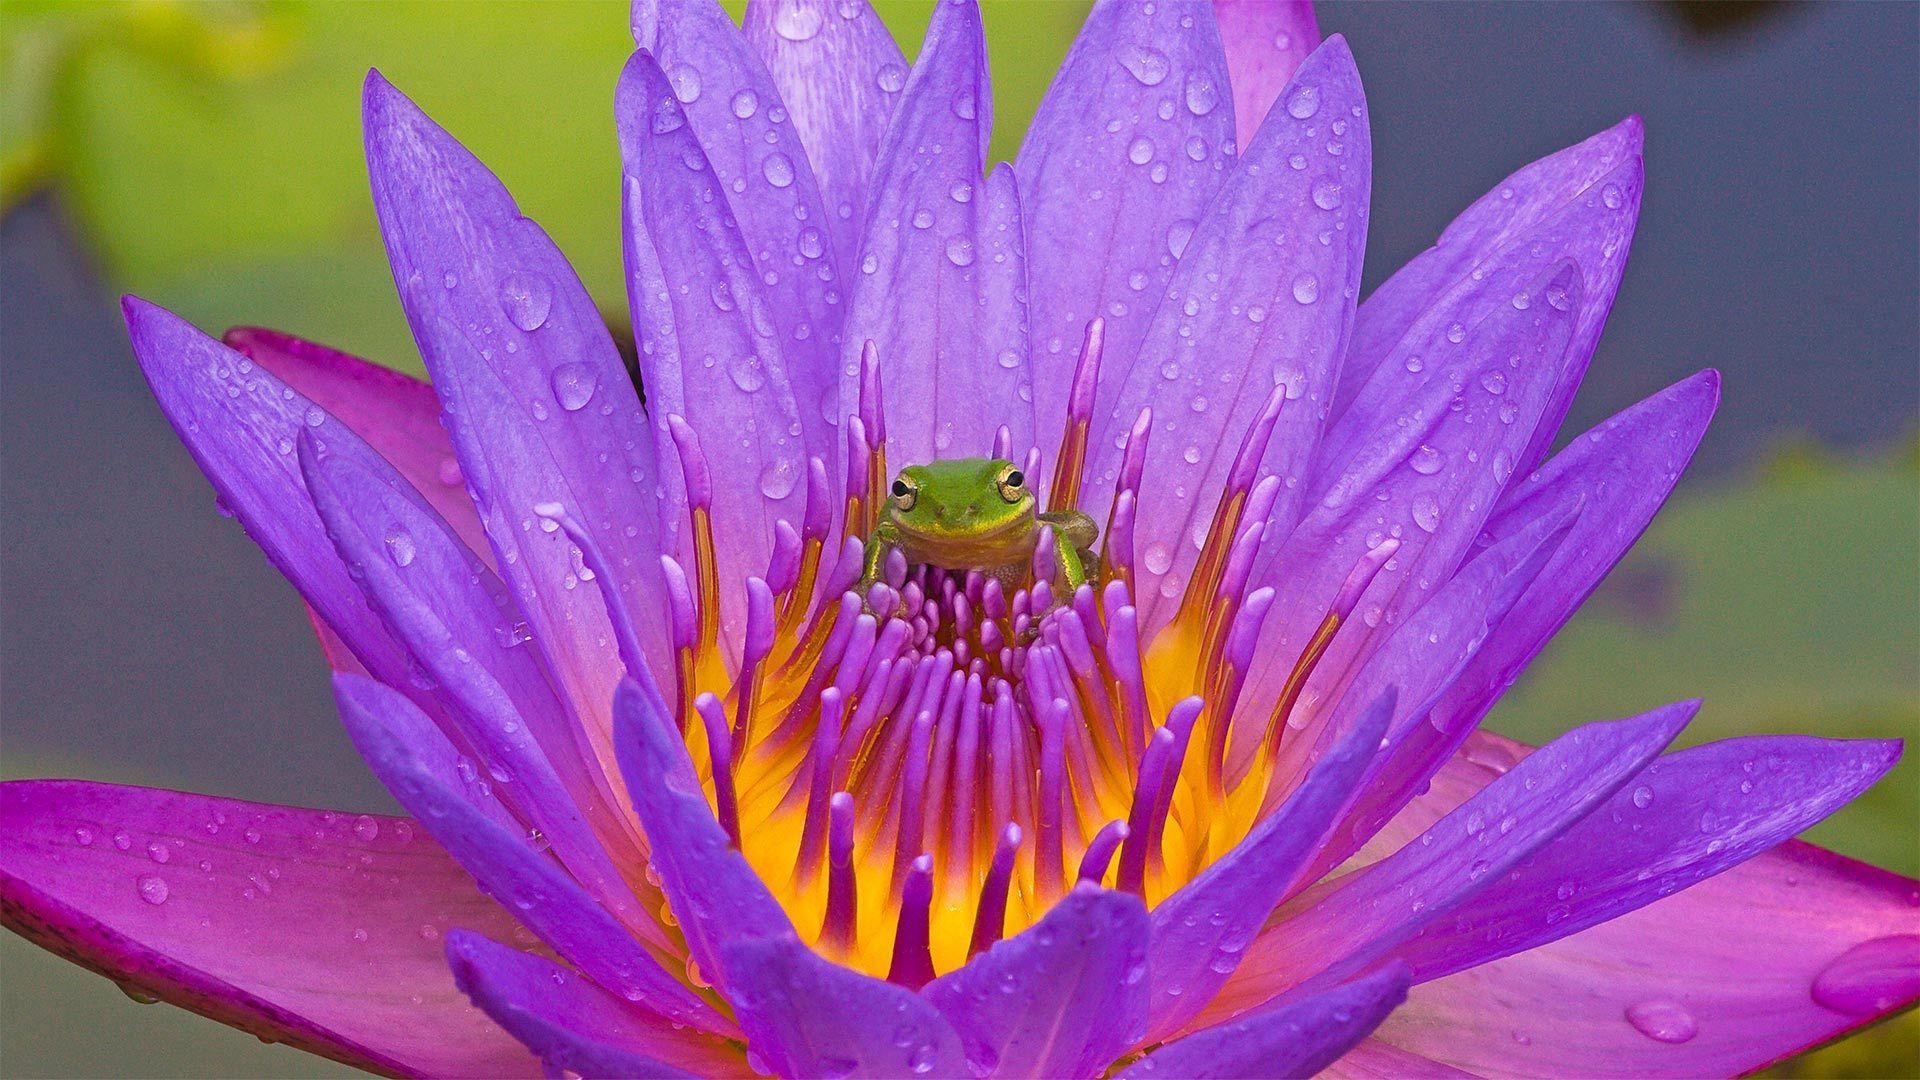 基西米湖中的绿色树蛙和紫色睡莲基西米湖